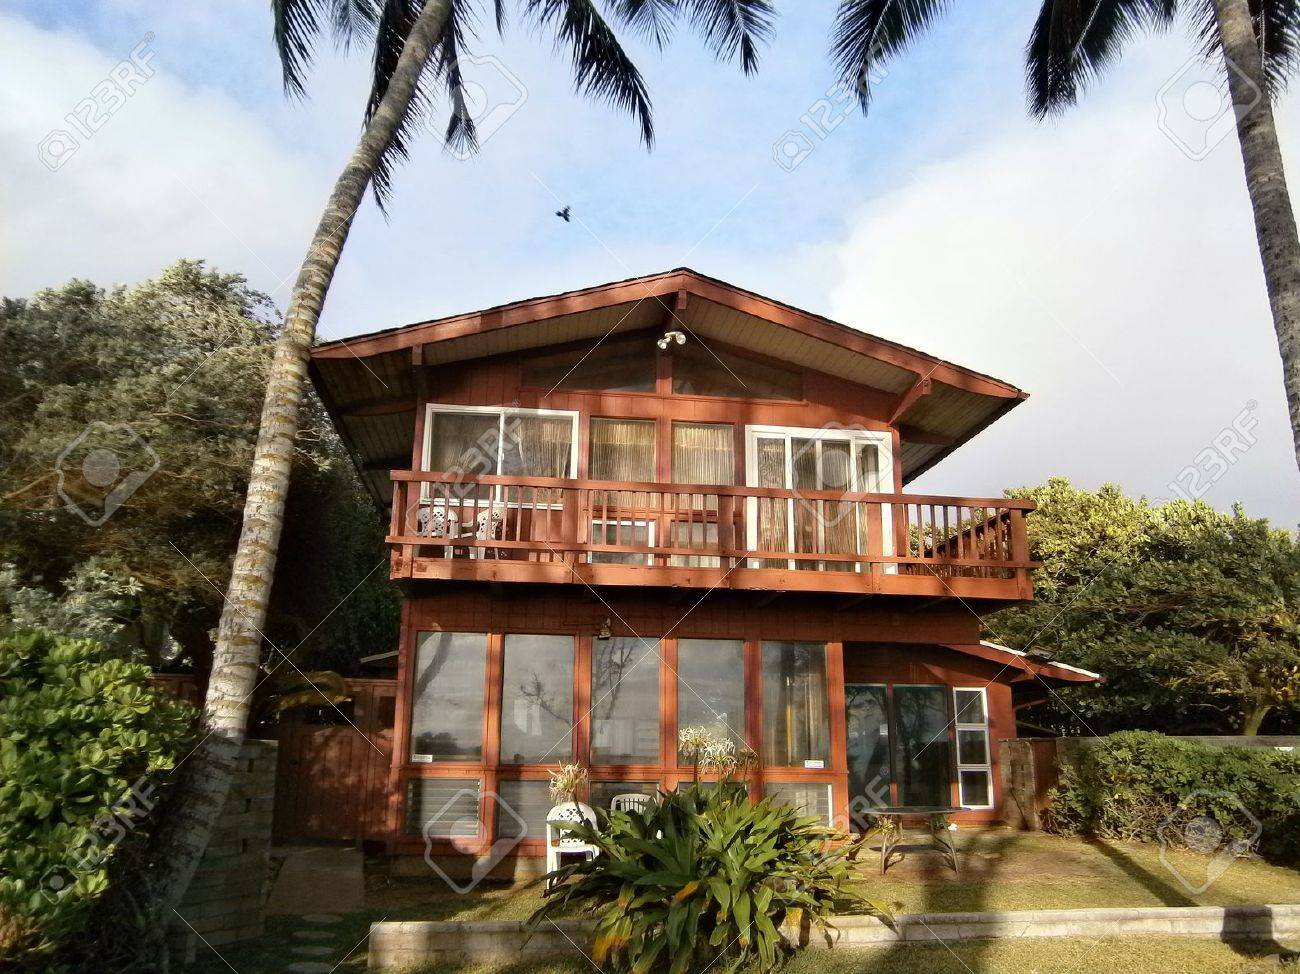 Fullsize Of Two Story House